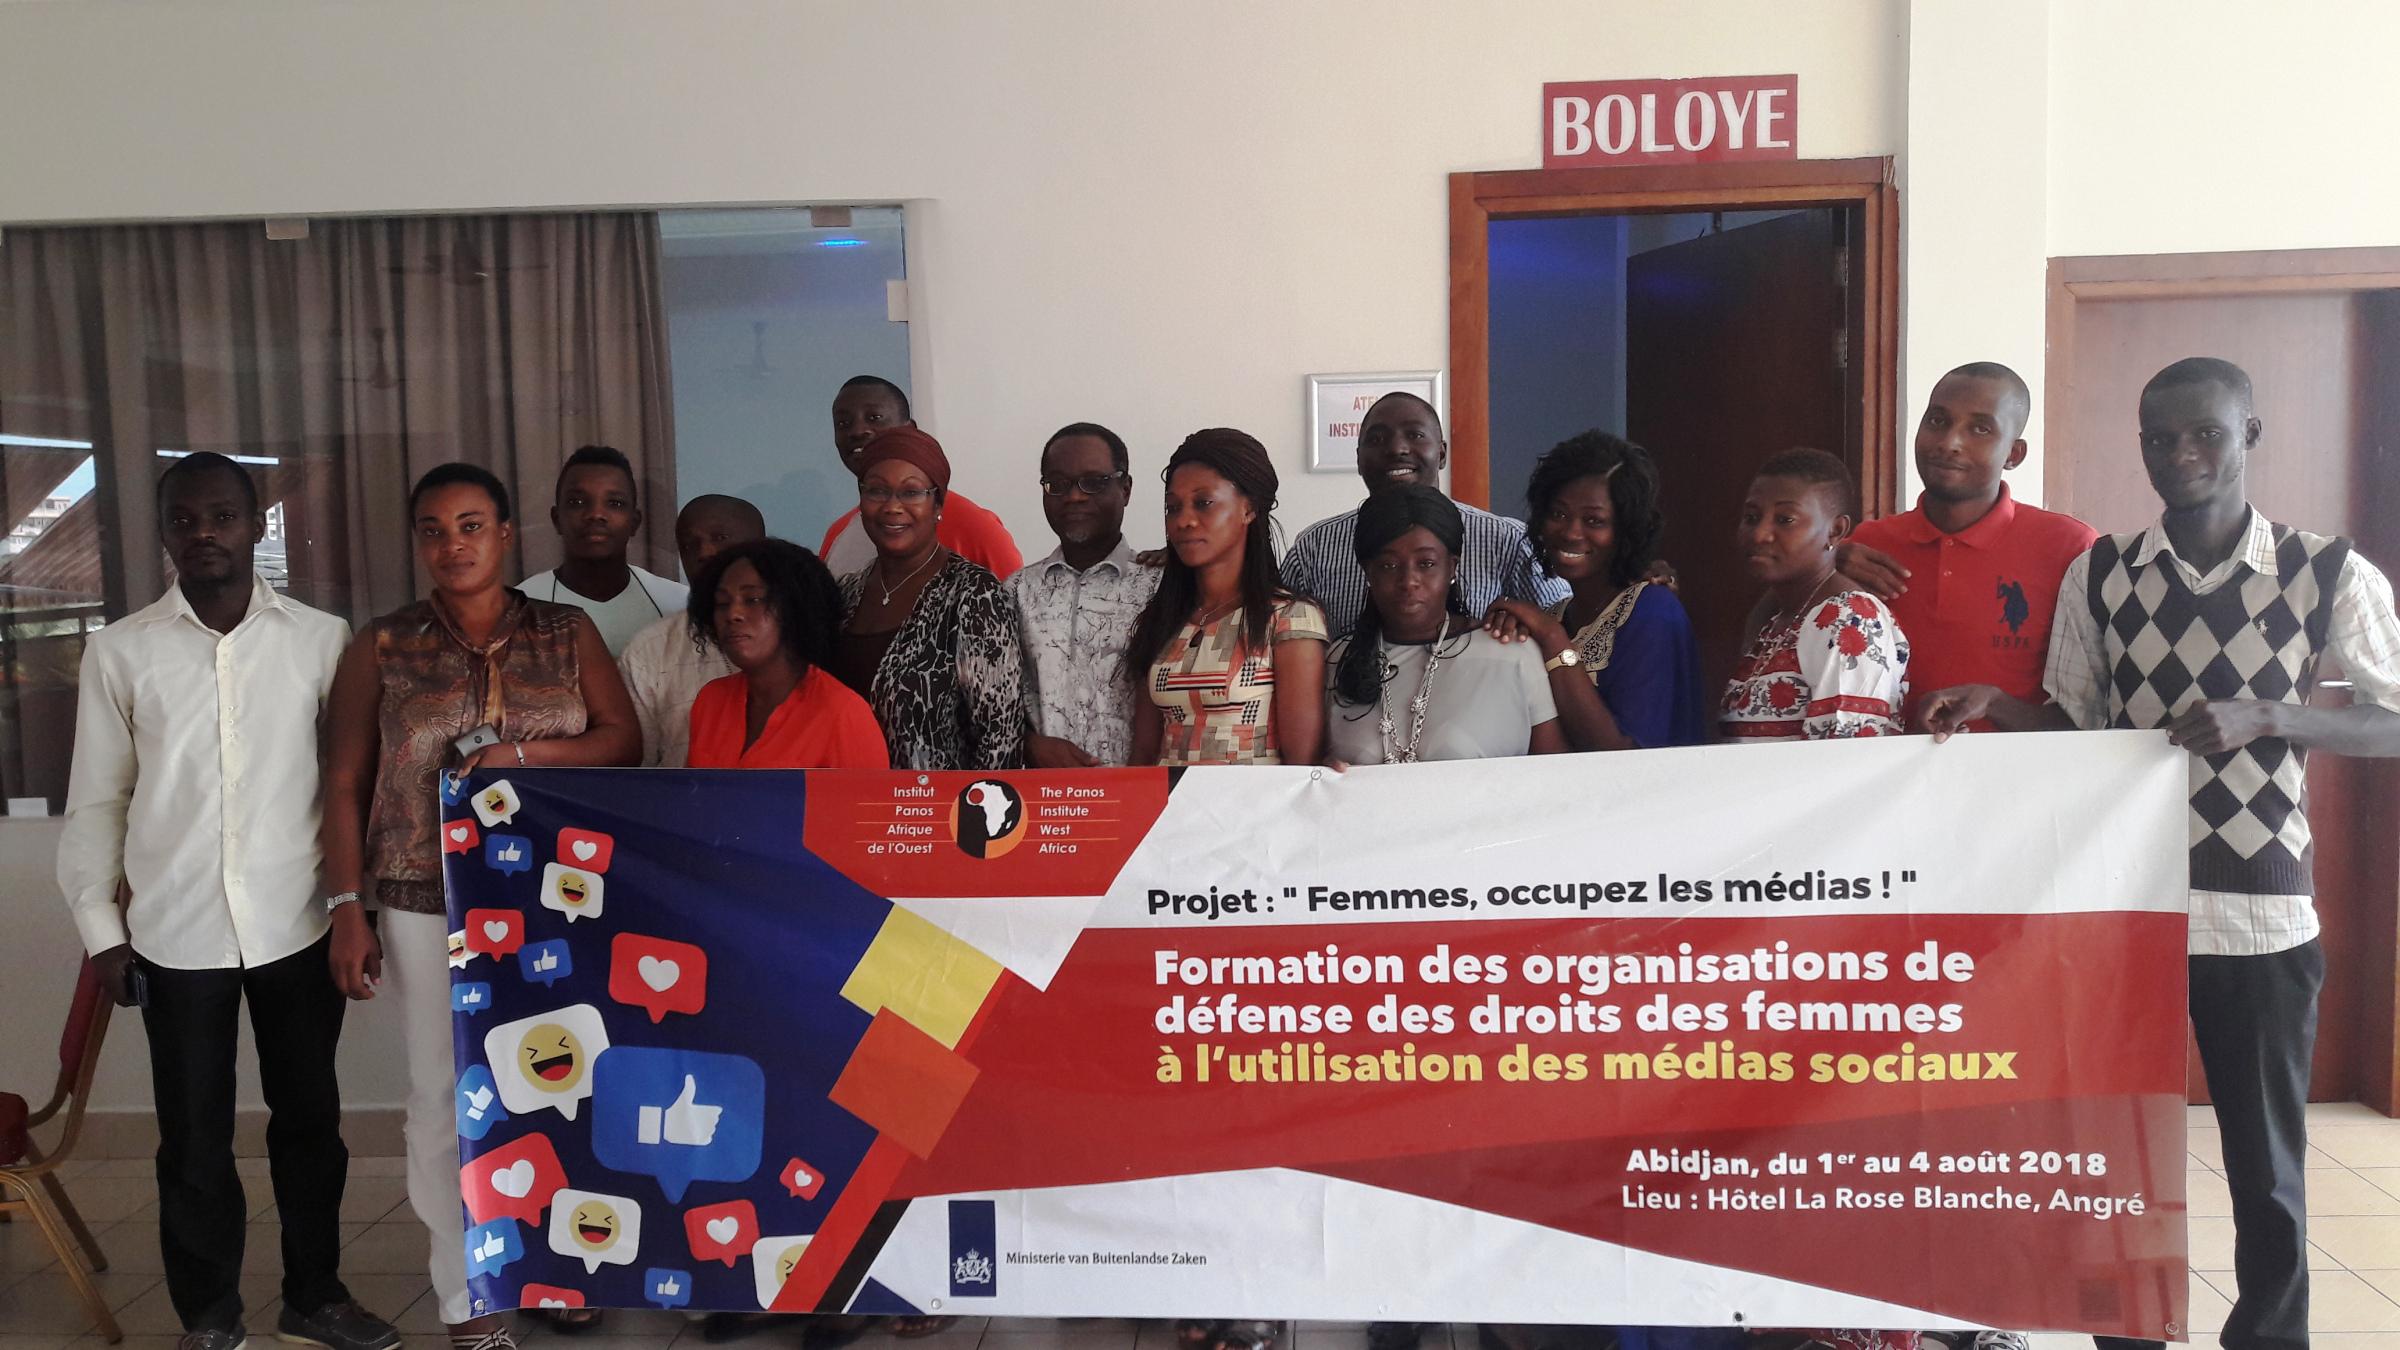 Utilisation optimale des médias sociaux : Des acquis pour des organisations de défense des droits des femmes en Côte d'Ivoire